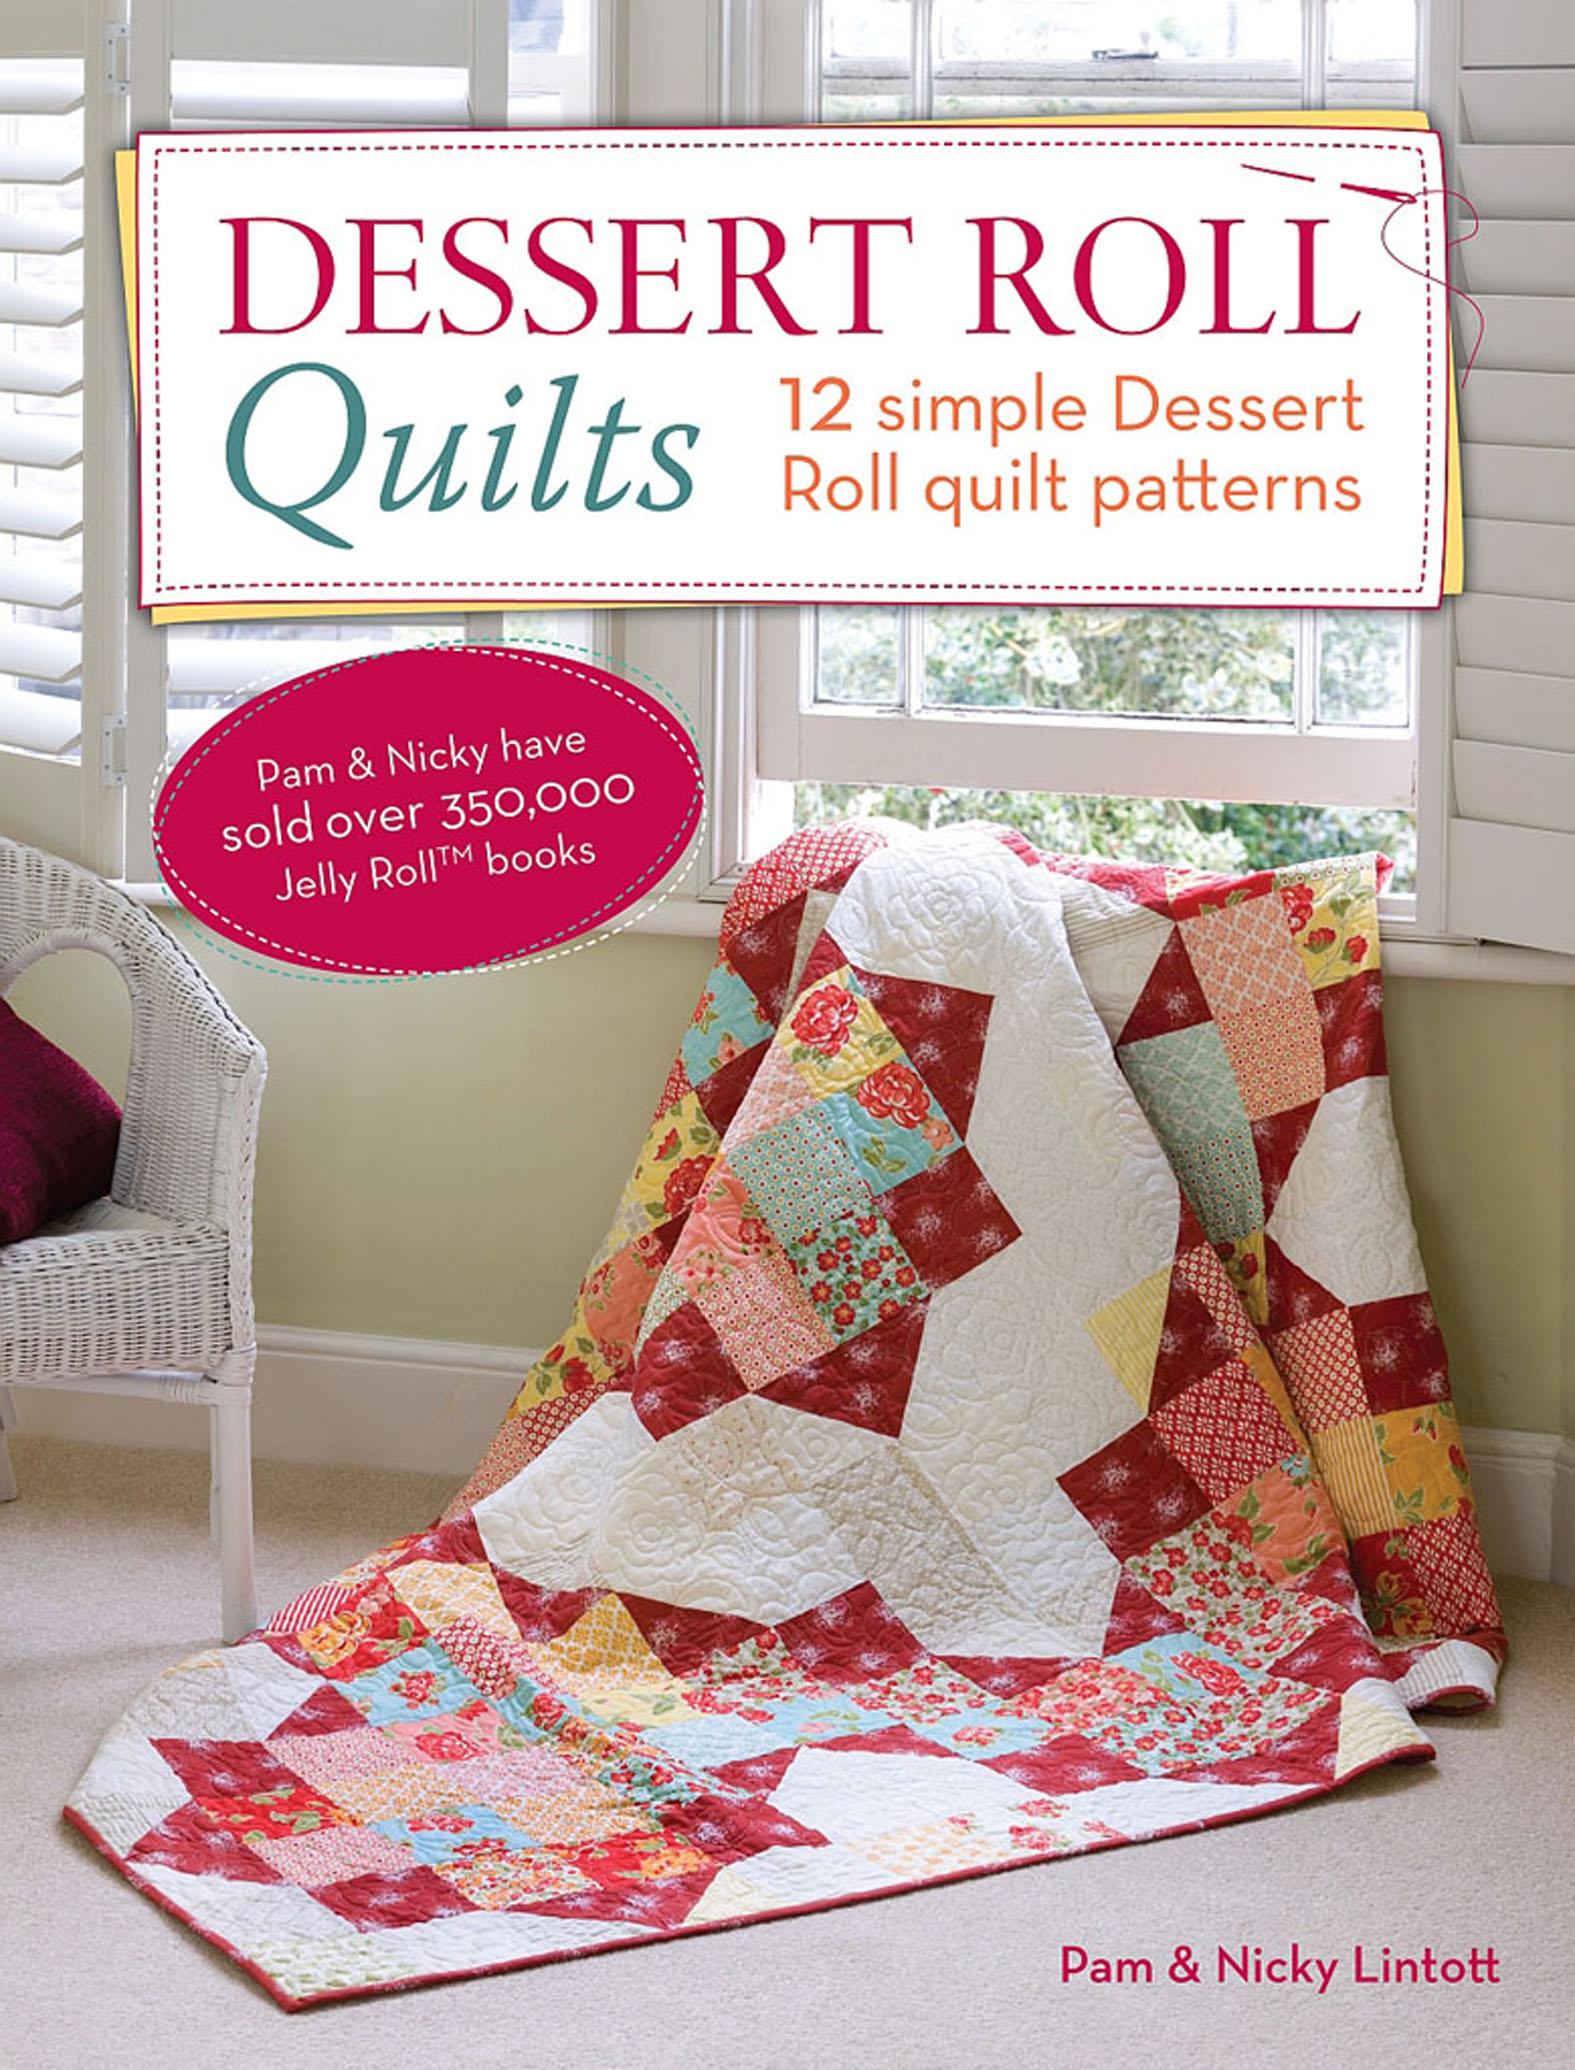 Dessert Roll Quilts 12 Simple Dessert Roll Quilt Patterns